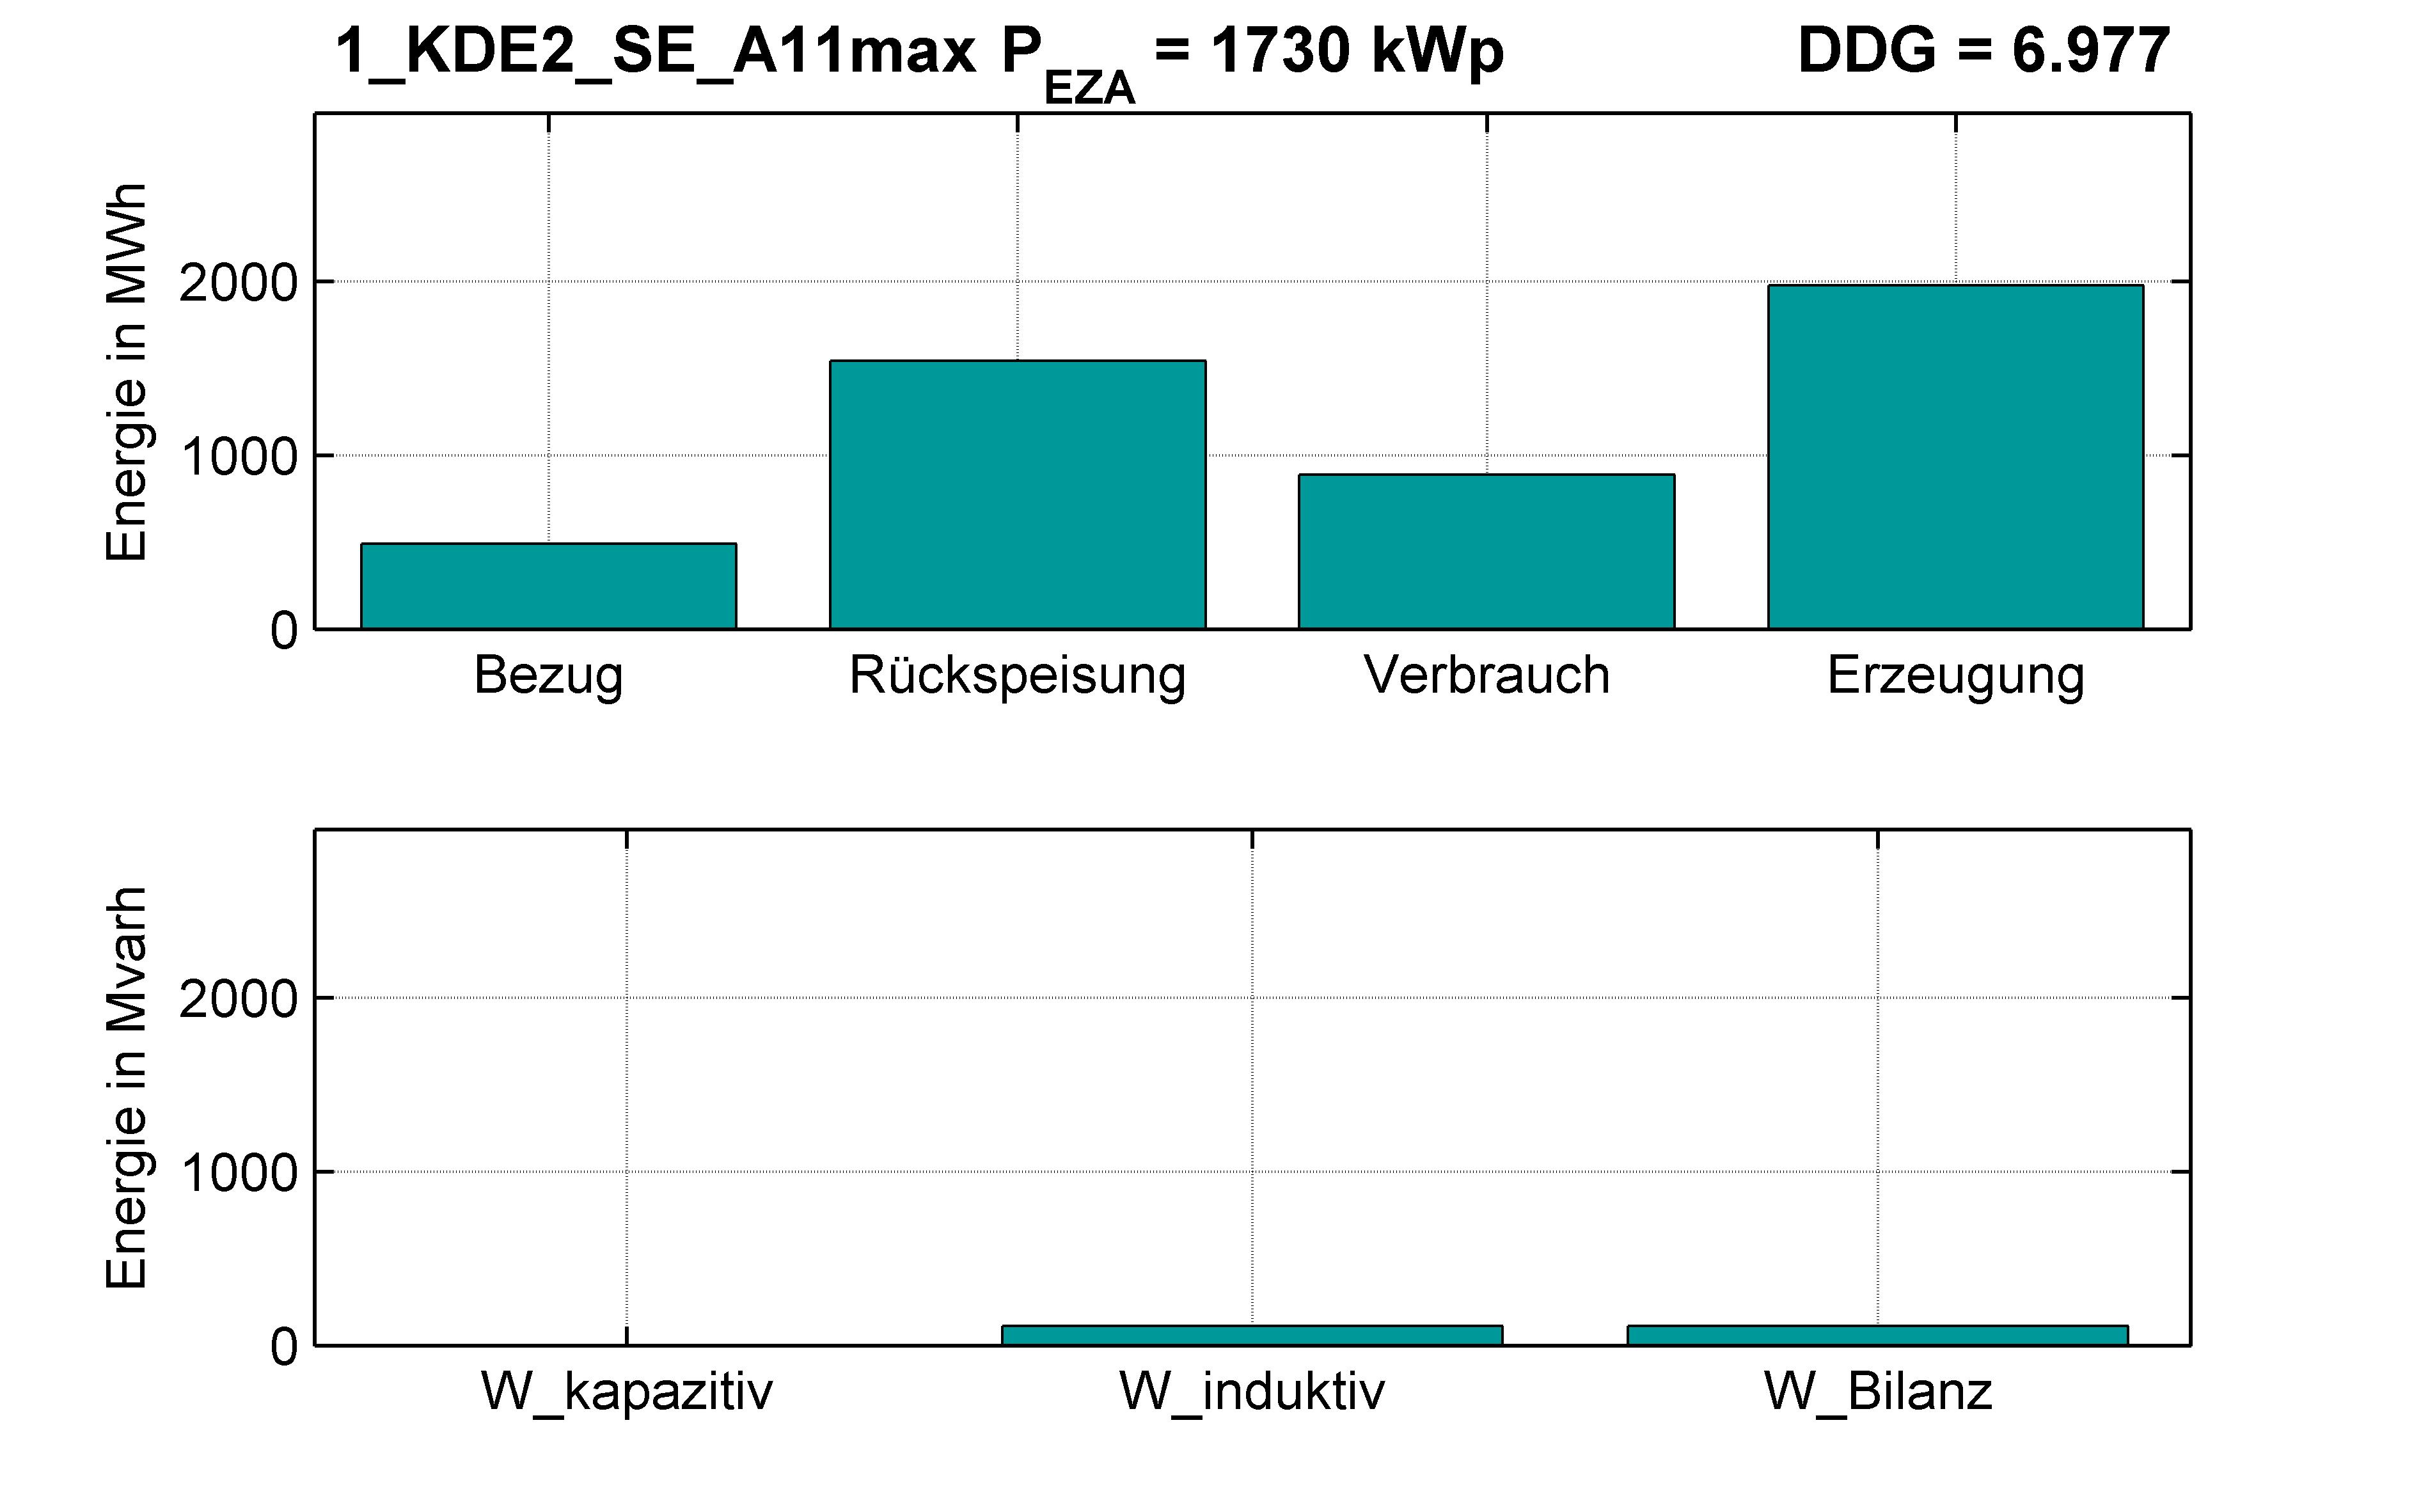 KDE2 | KABEL (SE) A11max | PQ-Bilanz